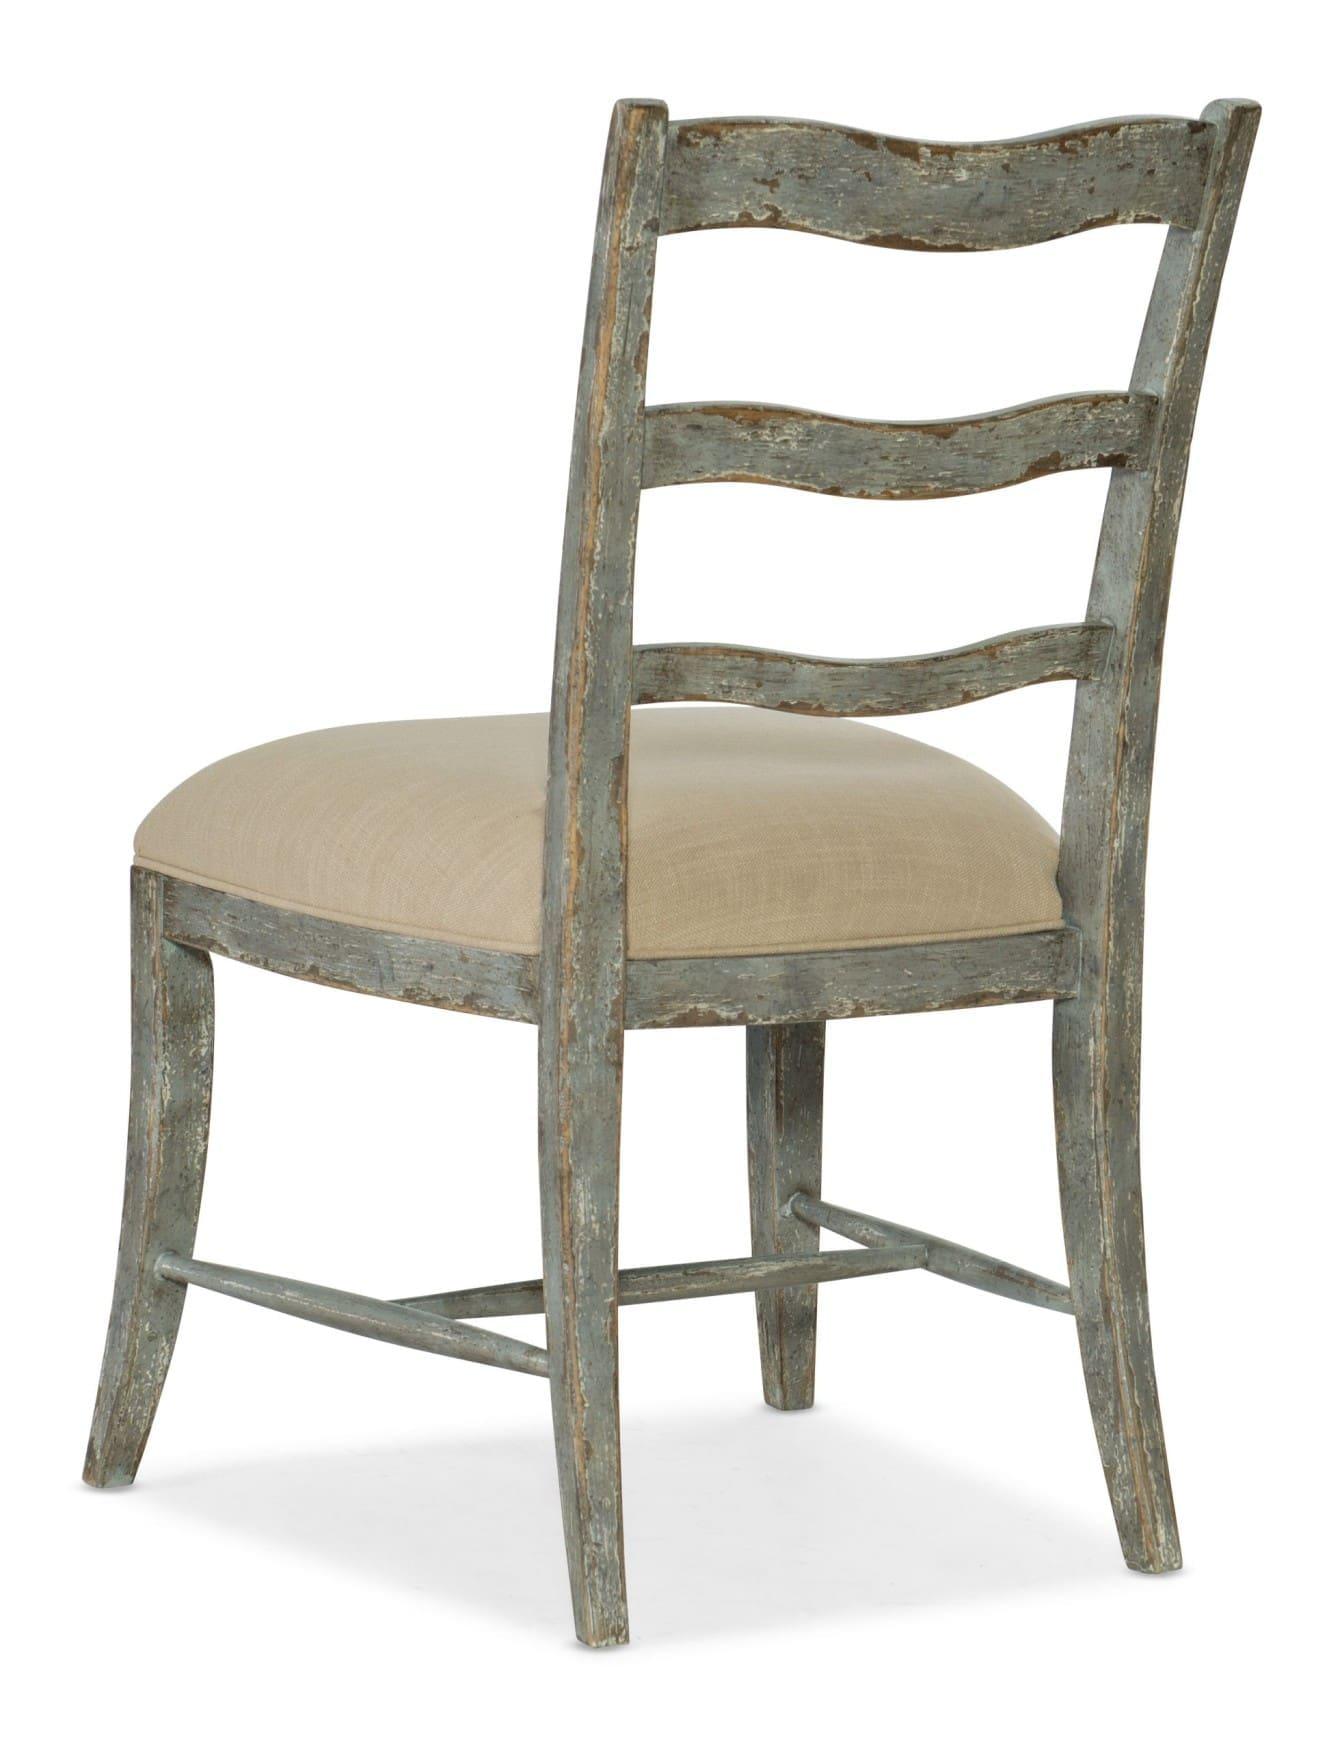 Alfresco La Riva Upholstered Seat Side Chair - 2 per carton/price ea